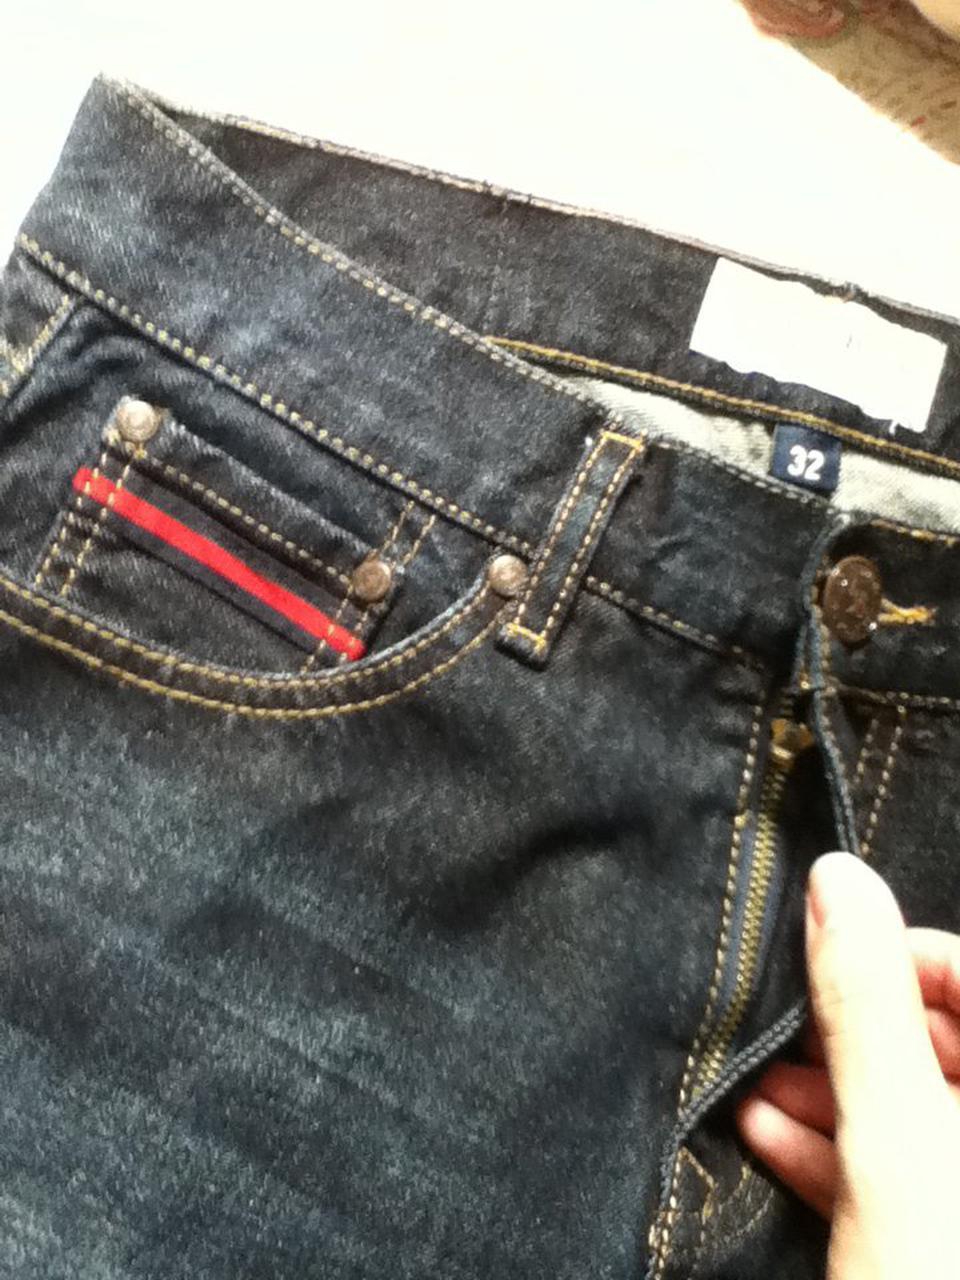 กางเกงยีนส์ทรงกระบอกเล็ก เอว32 รูปที่ 2